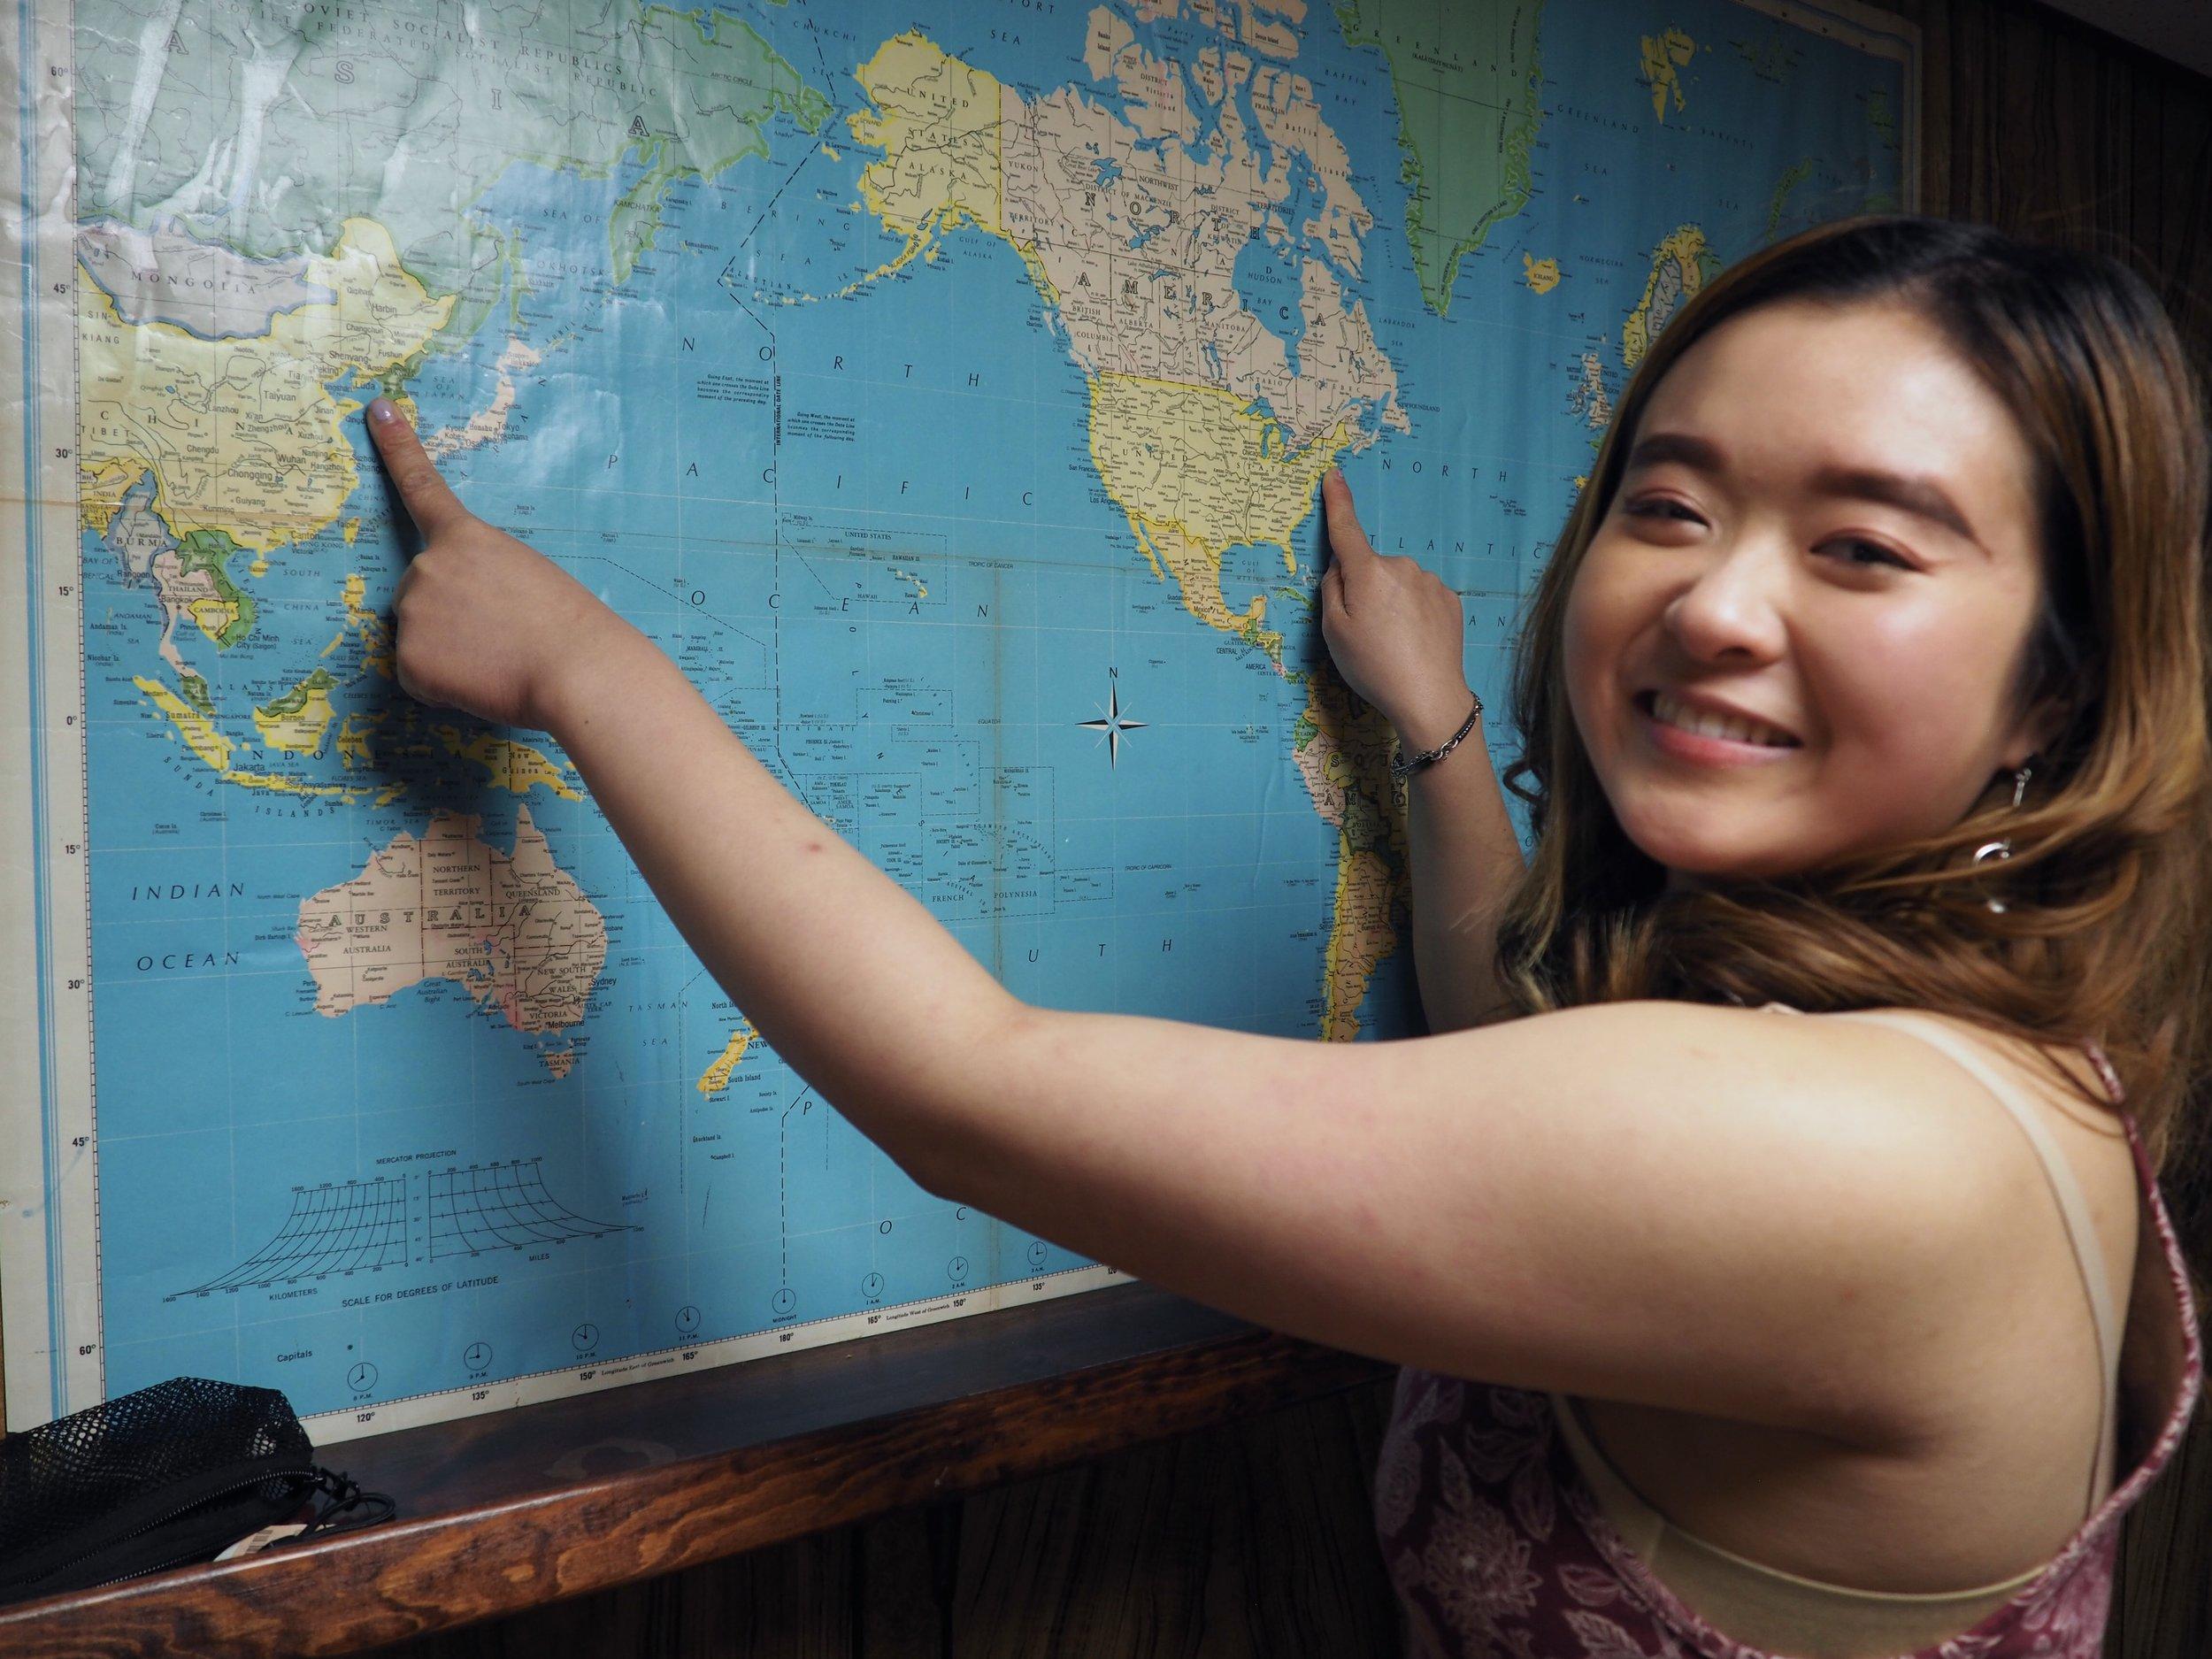 Nicole: Brooklyn and Korea/China